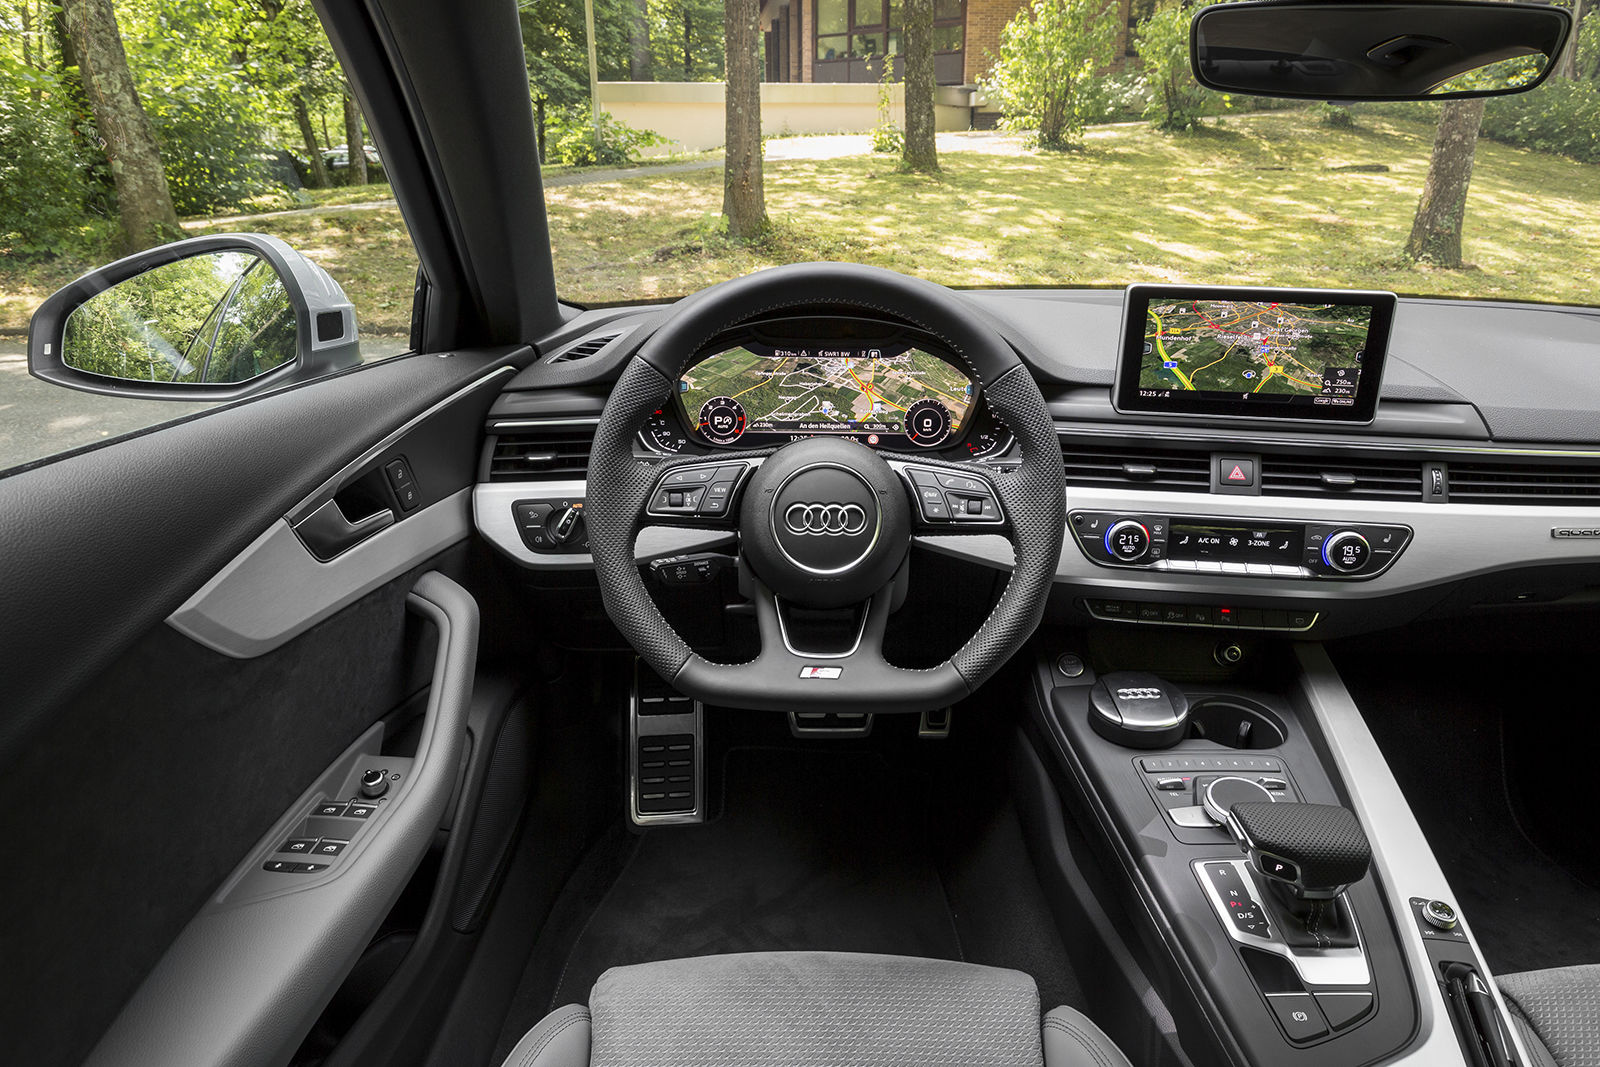 Audi a4 avant review deals carwow for Interieur audi a4 avant